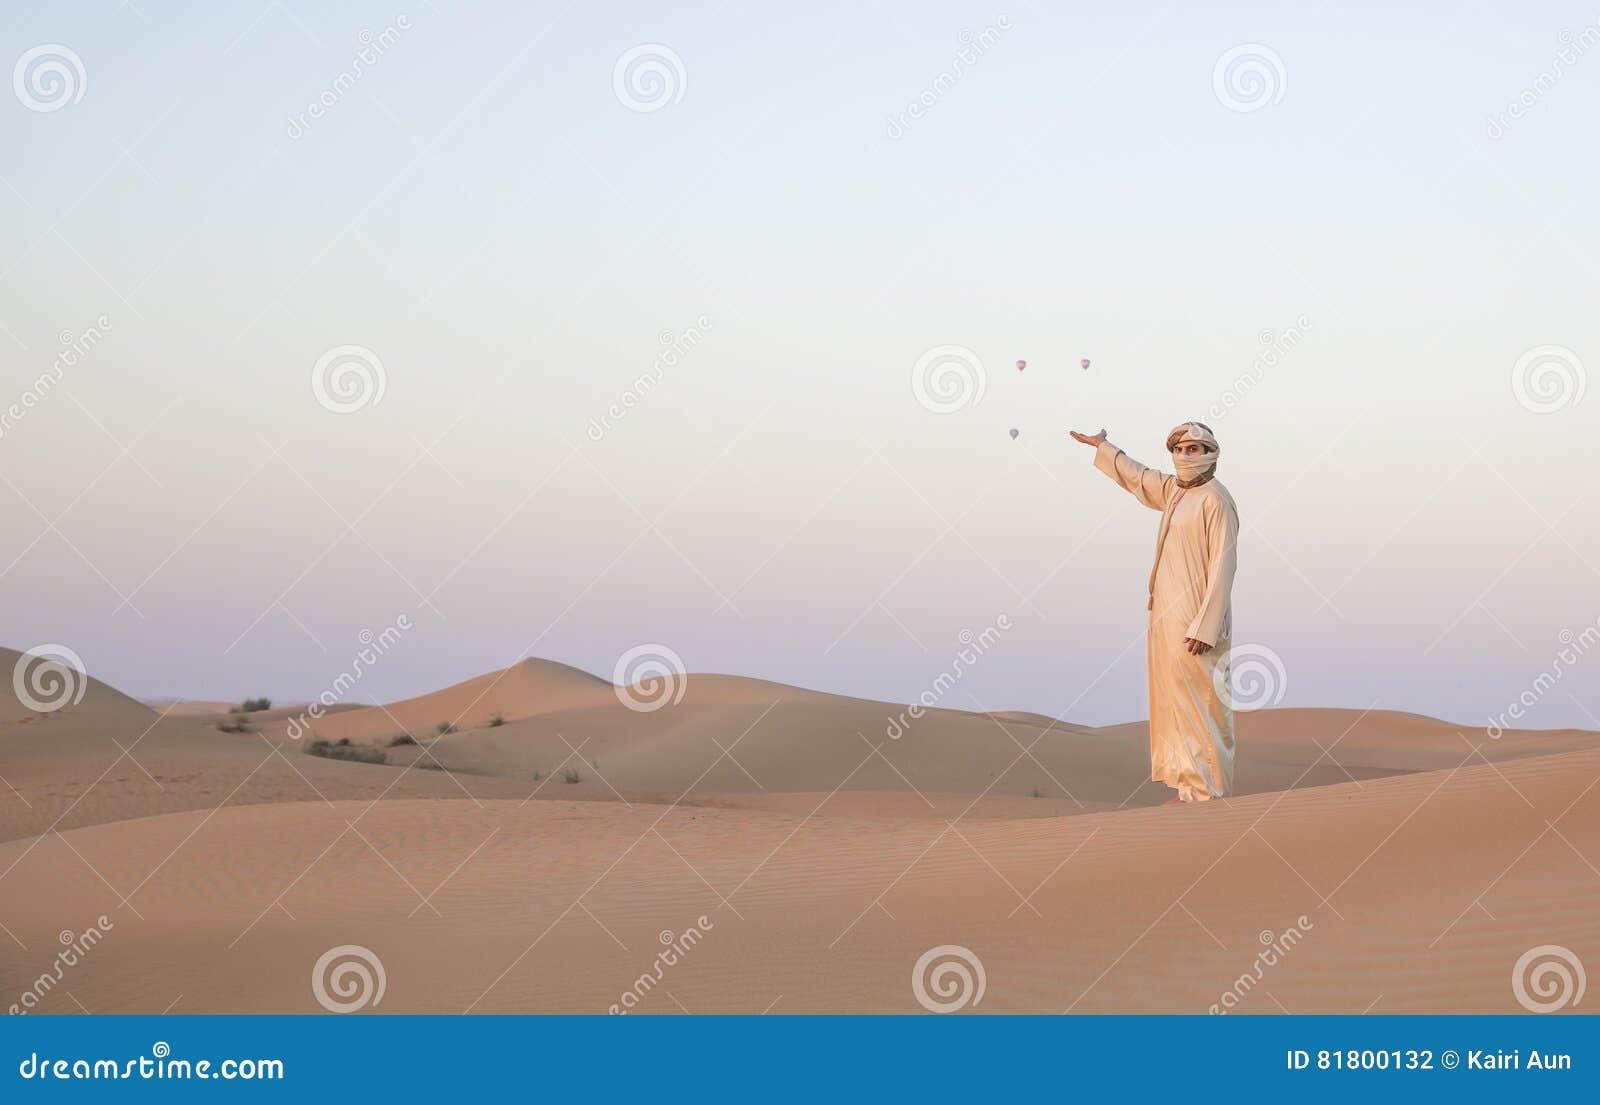 Homem no equipamento tradicional em um deserto perto de Dubai